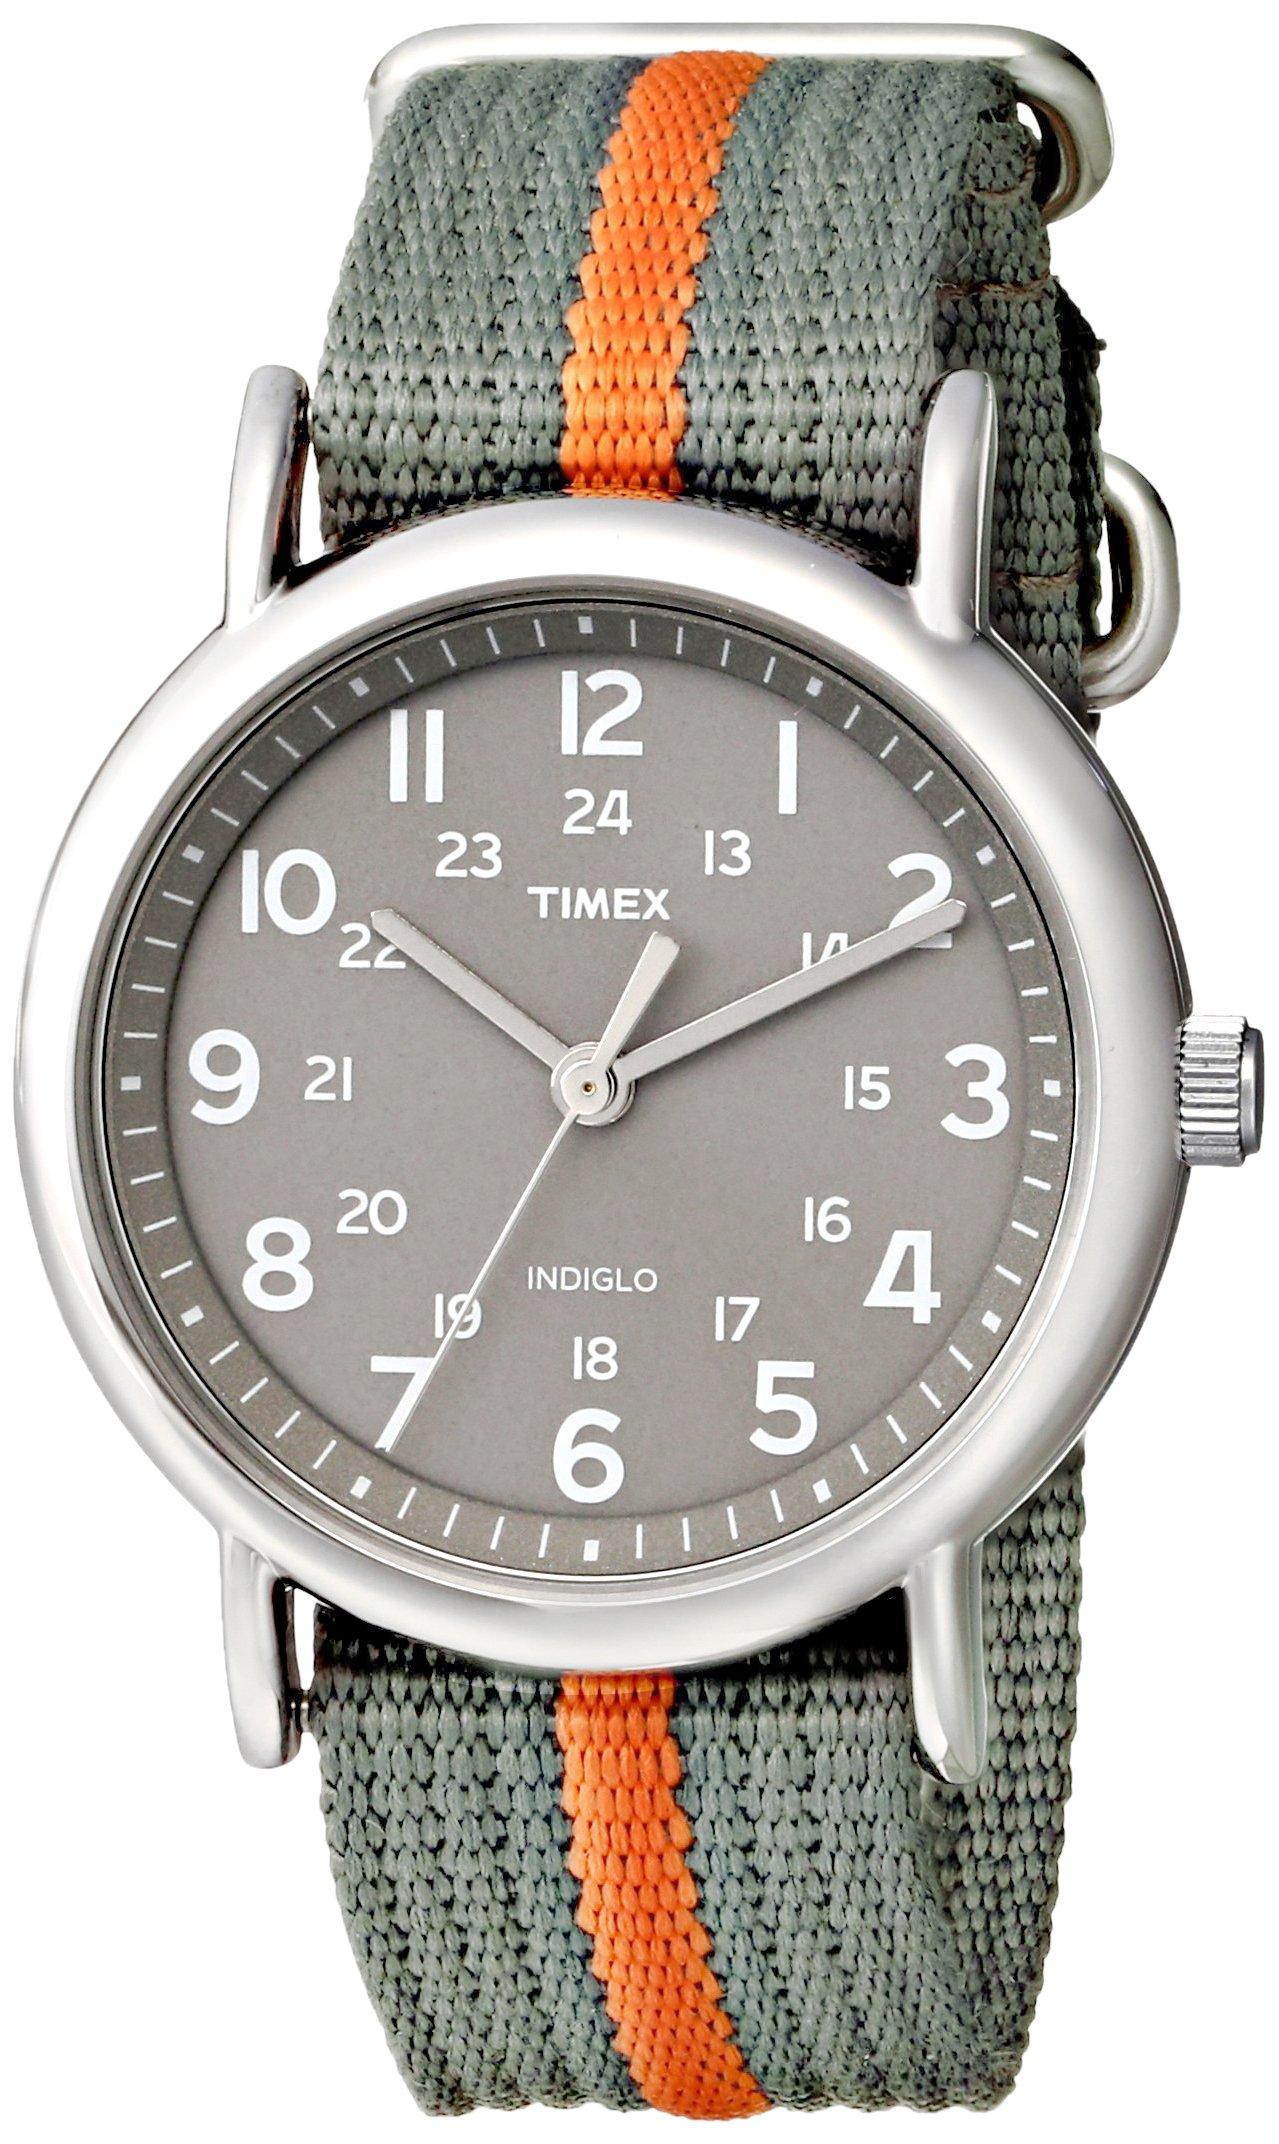 Timex Weekender Indiglo Analog Grey Dial Unisex Watch - T2N649